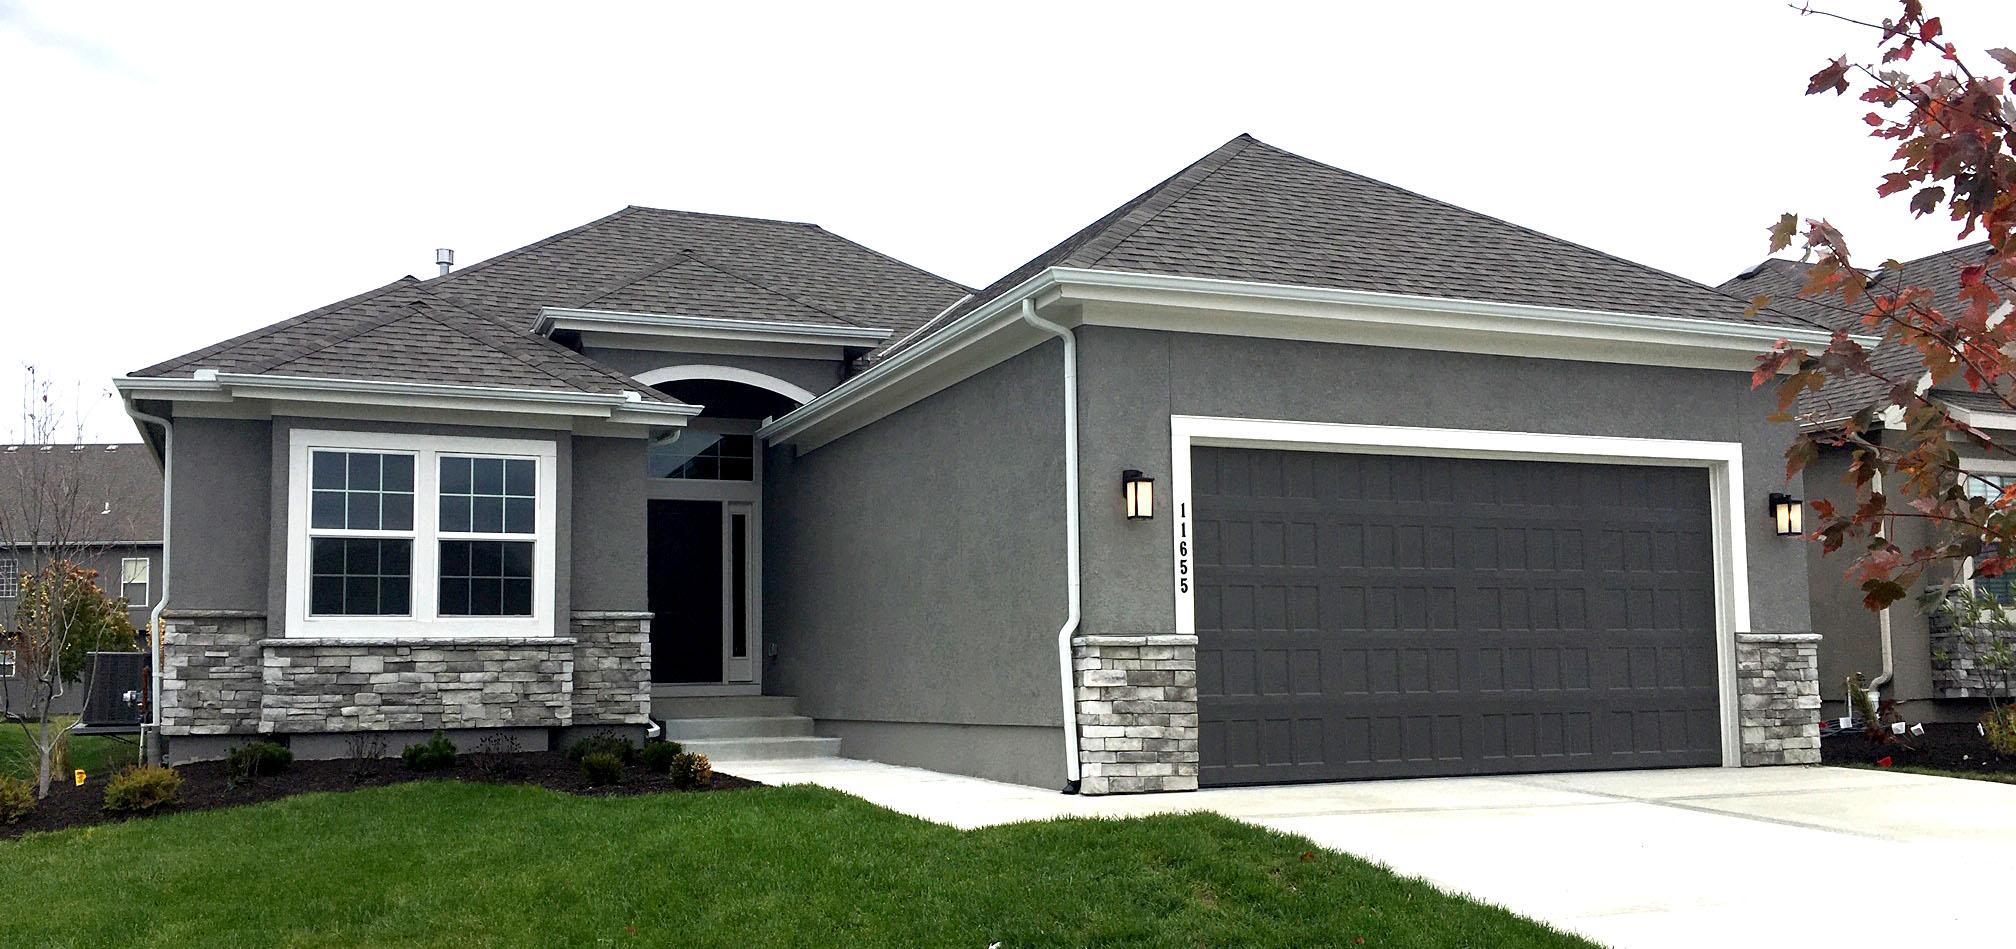 new homes for sale in olathe kansas